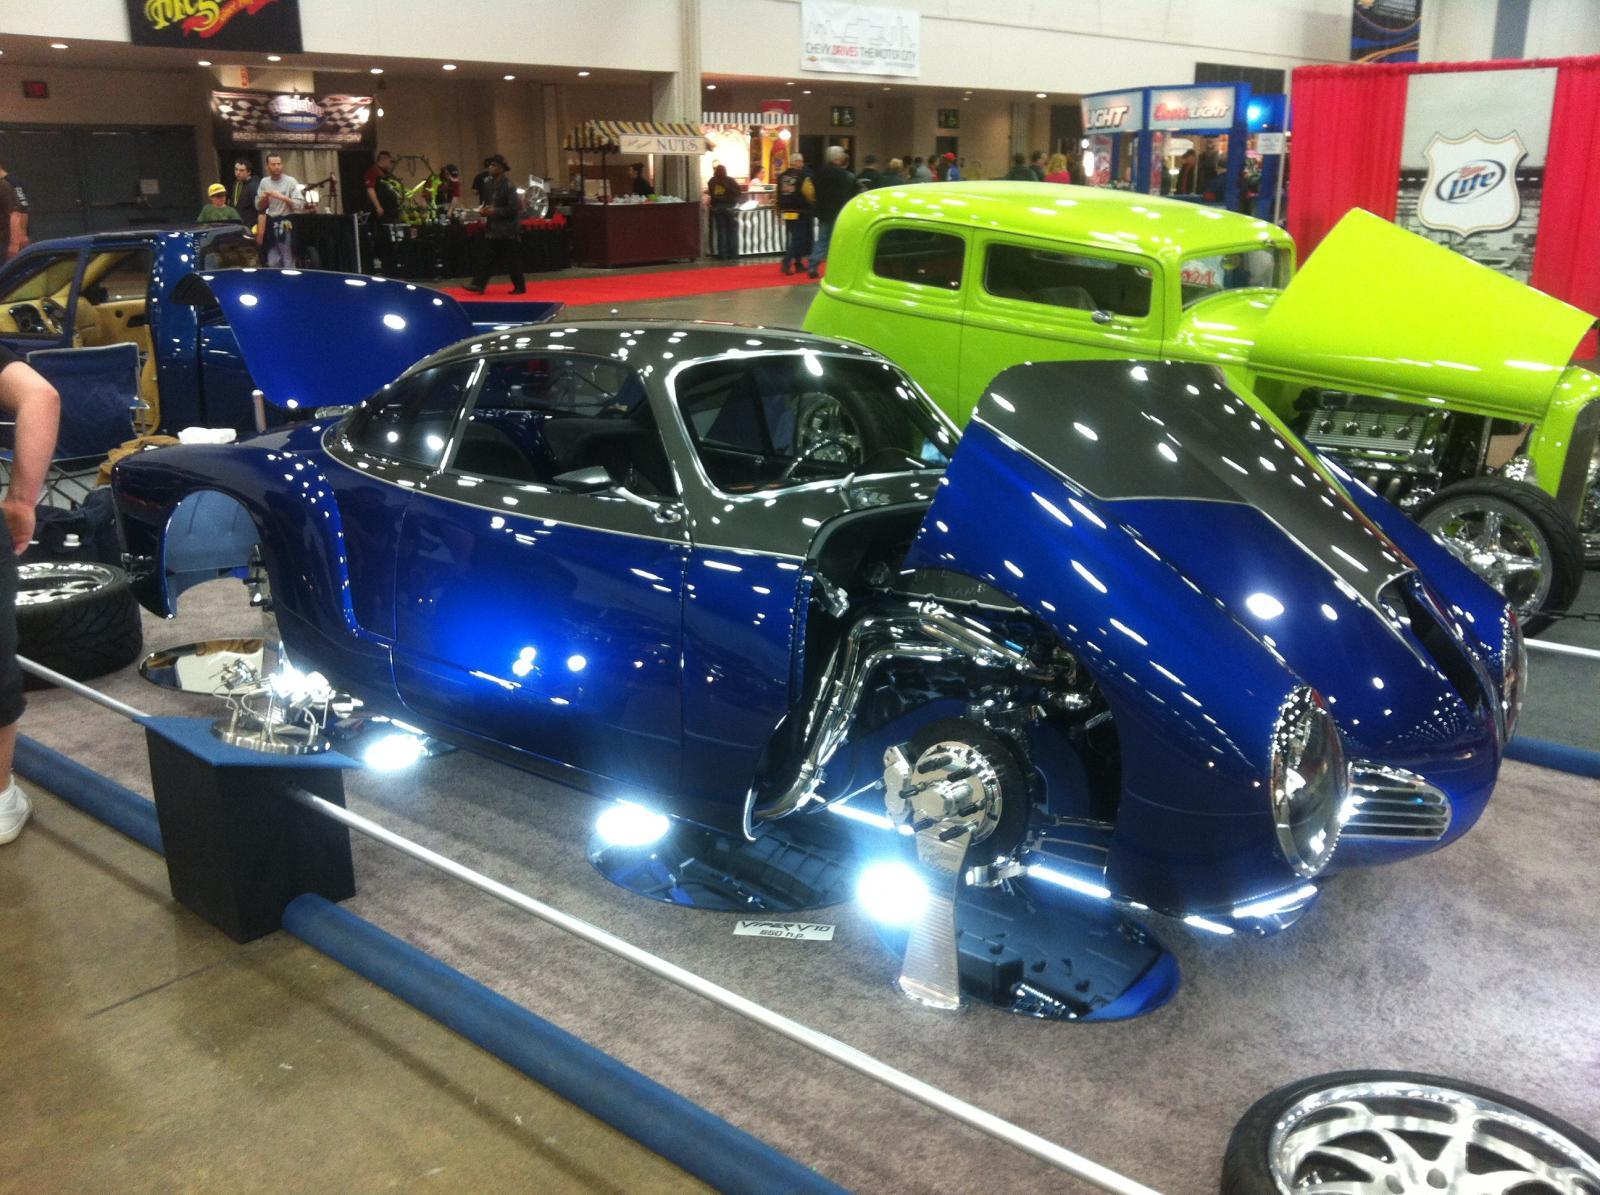 Karman Ghia Viper V10 Named Blue Mamba